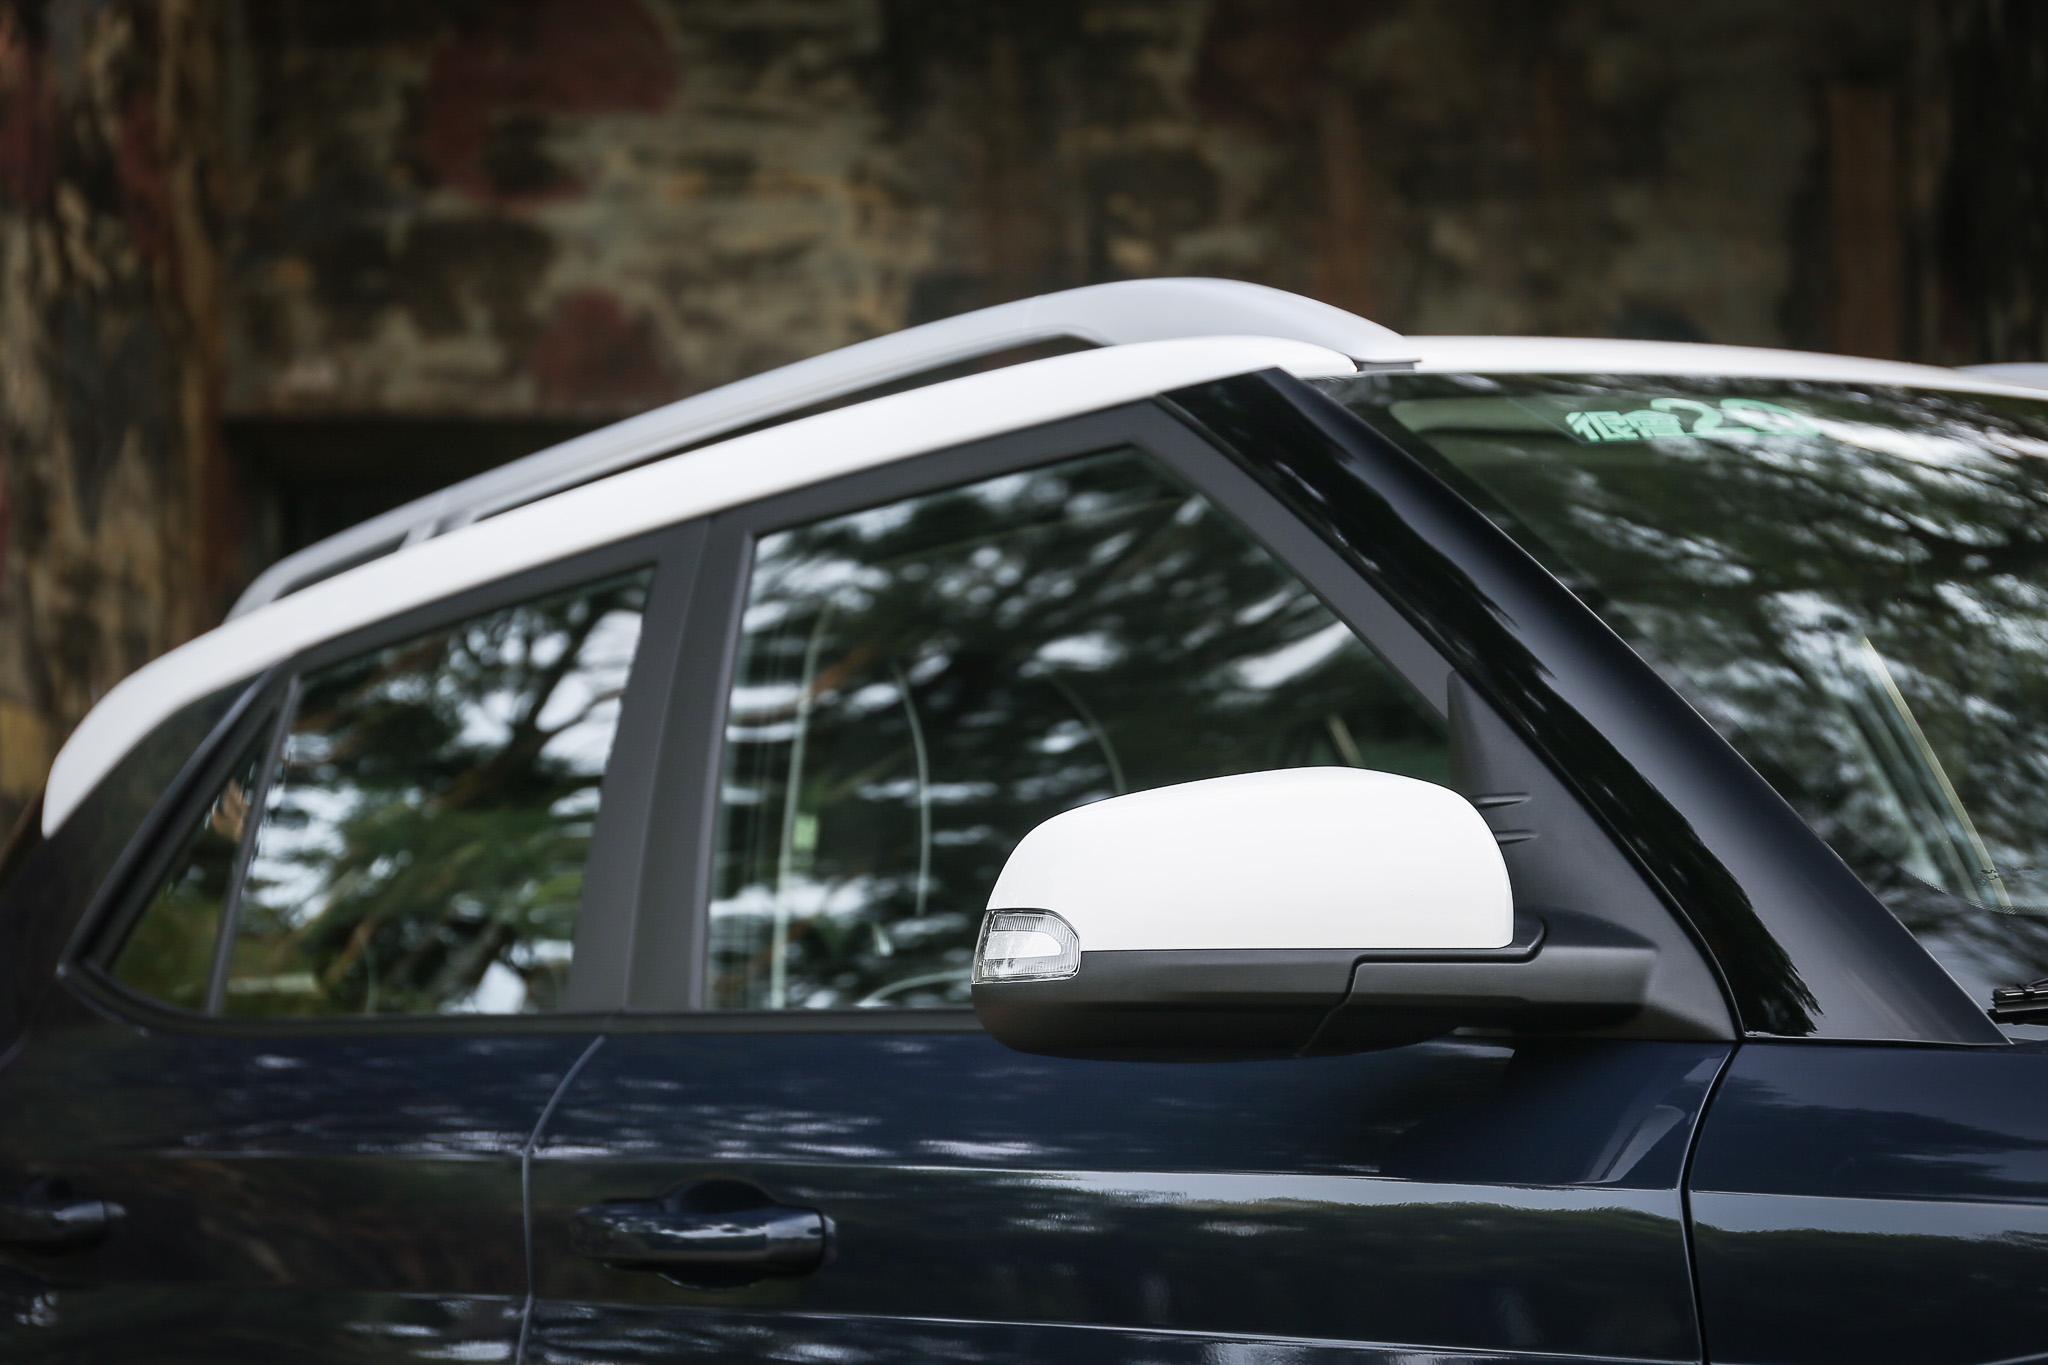 採用藍白 Two-tone 雙彩車色的 Venue 為目前最受歡迎的配色。